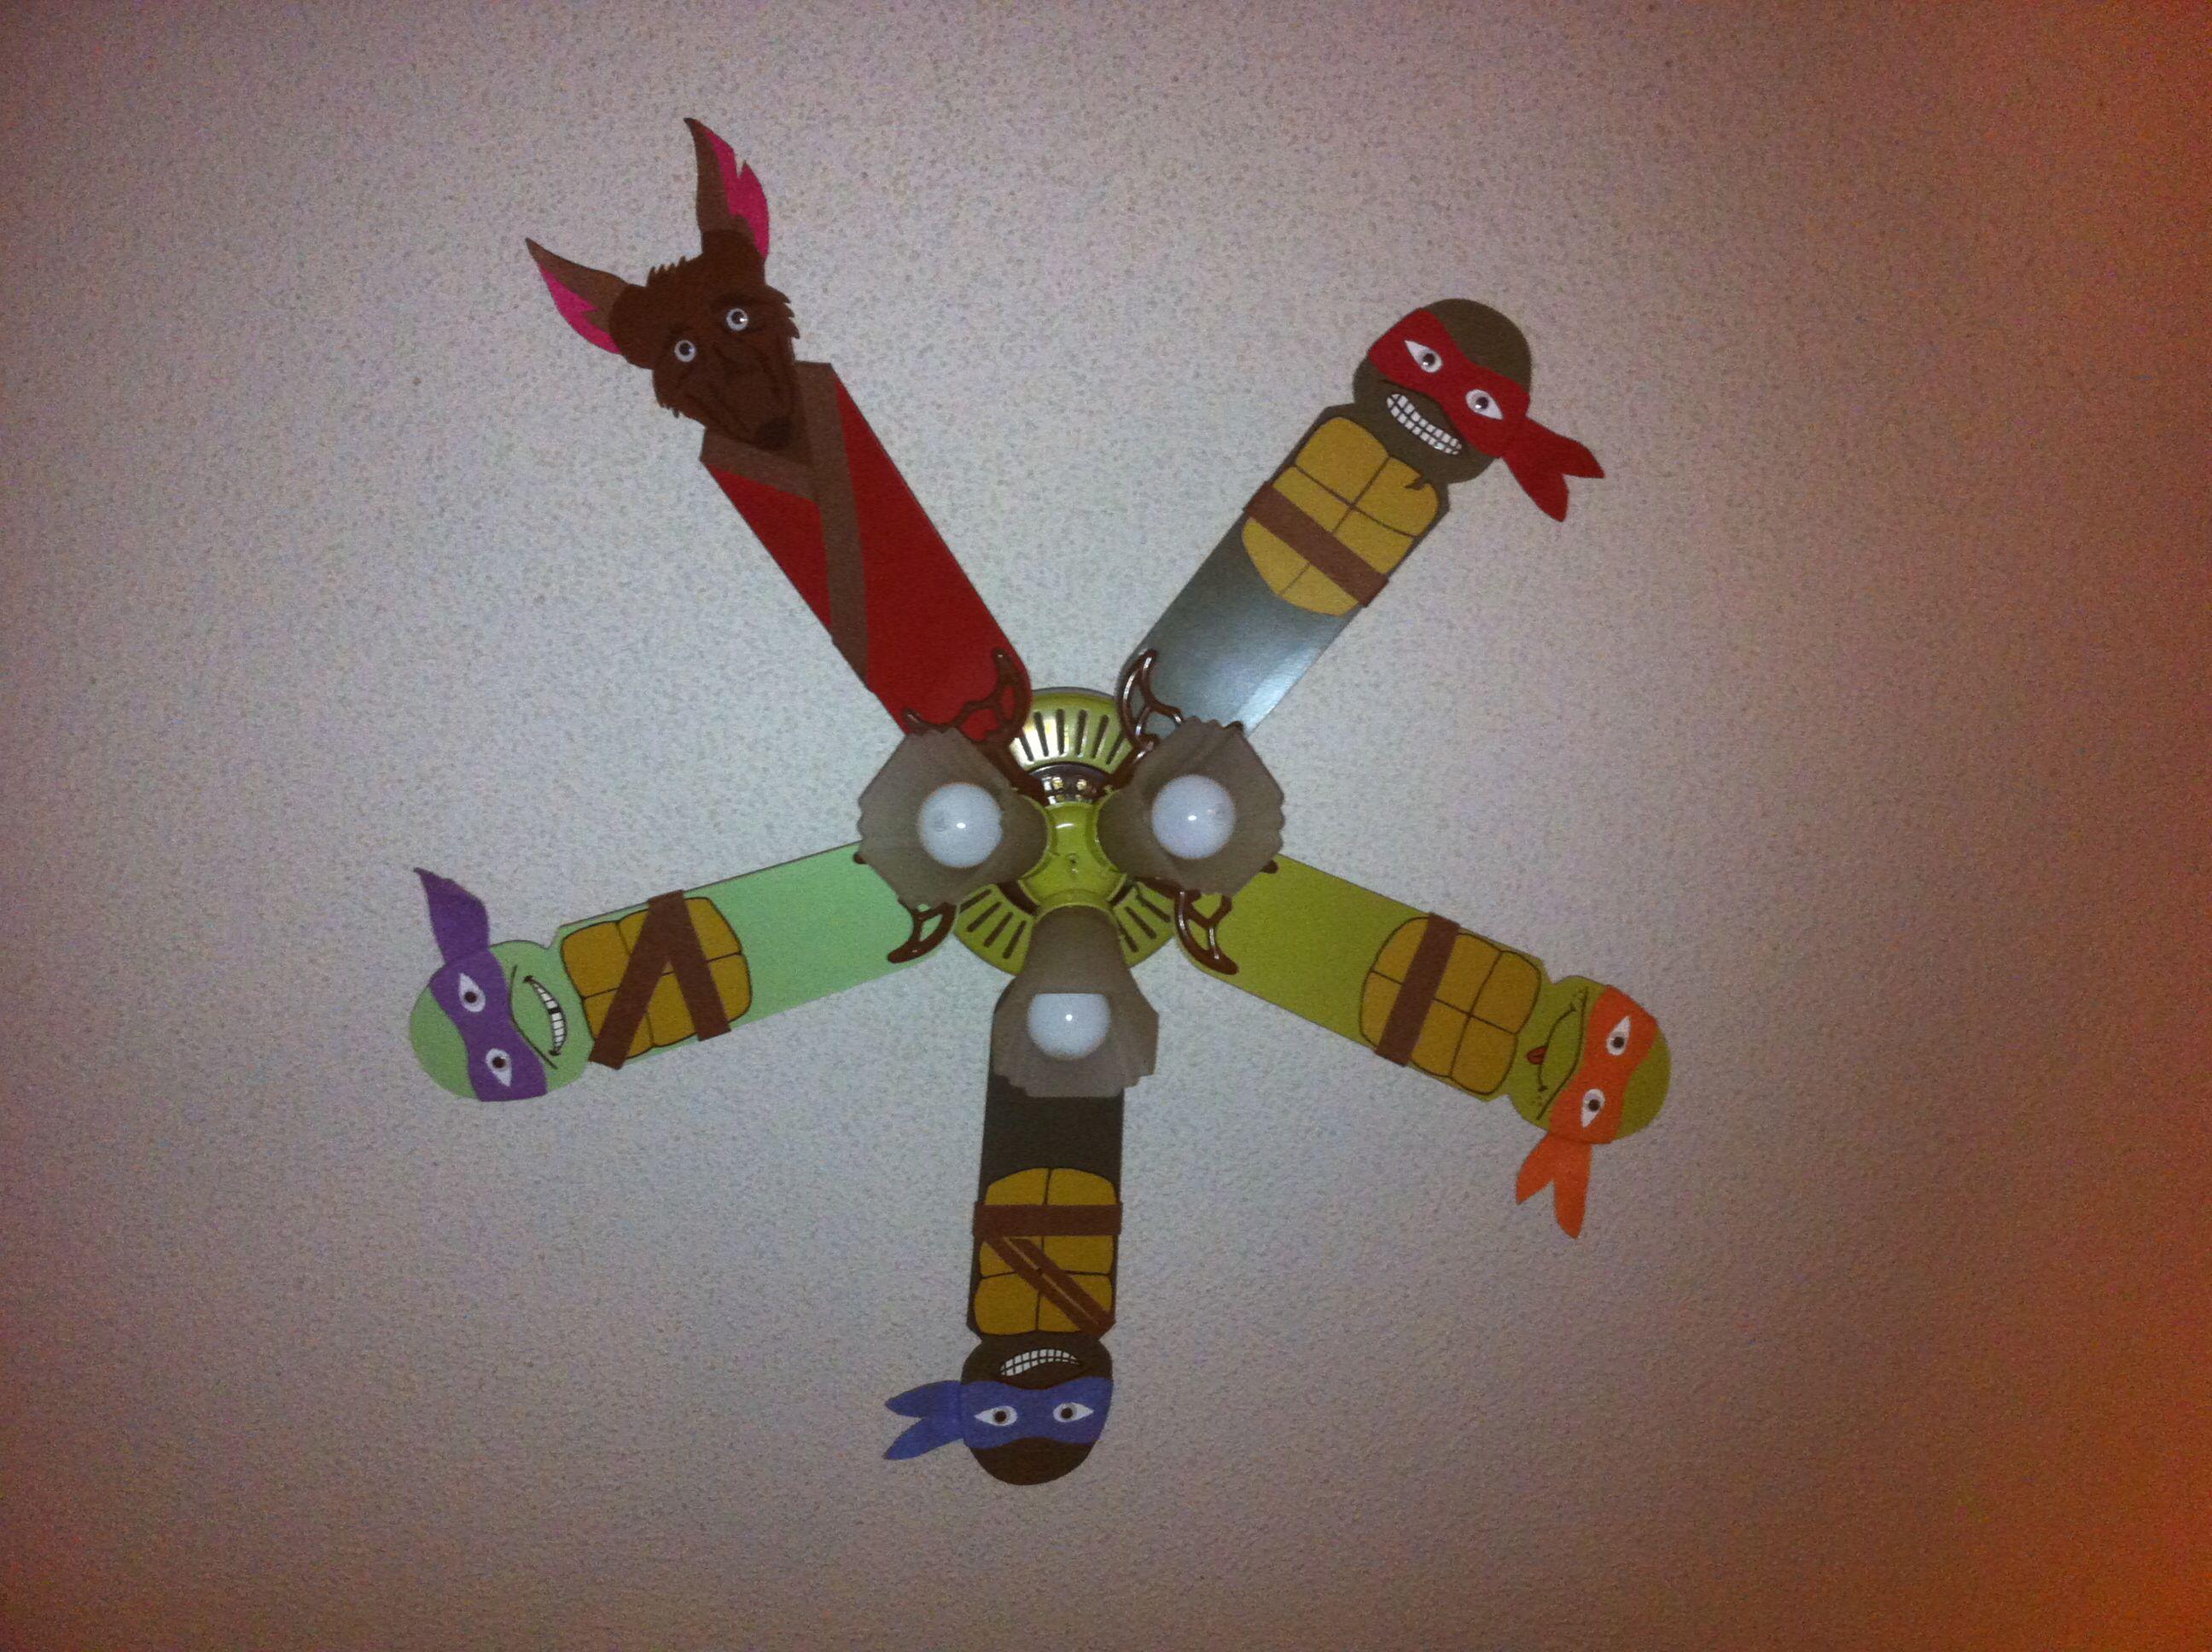 Ninja turtle ceiling fanw that is cool ninja turtle